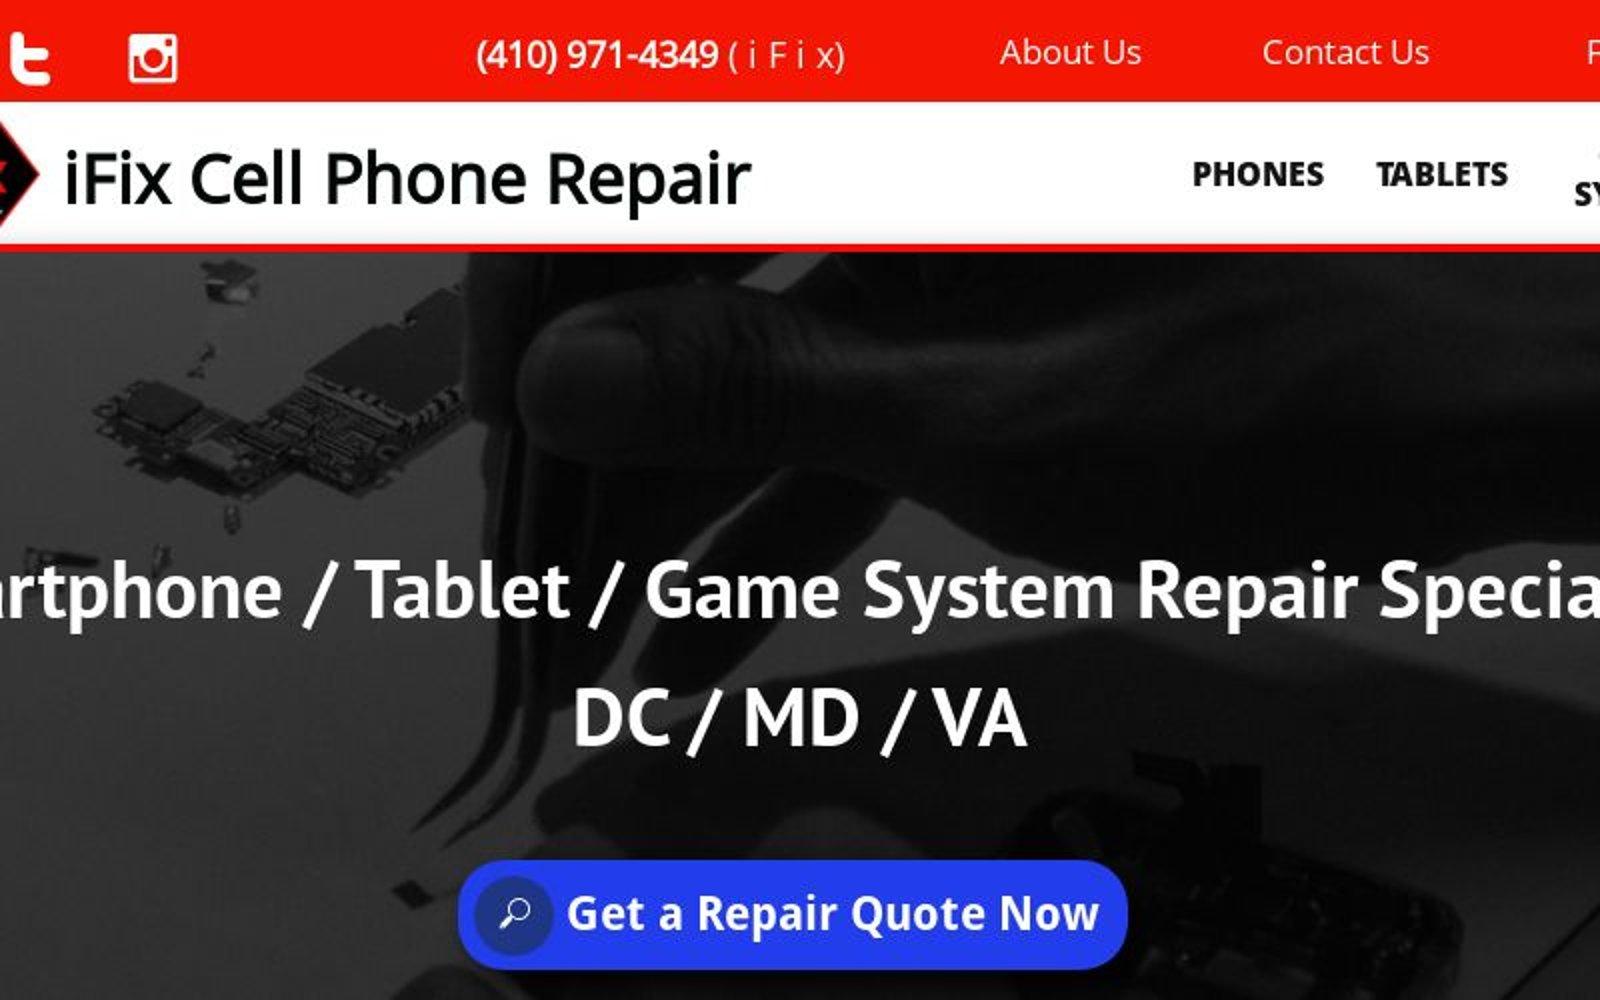 iPhone Repair, iPad Repair, Cell Phone Repair and Game